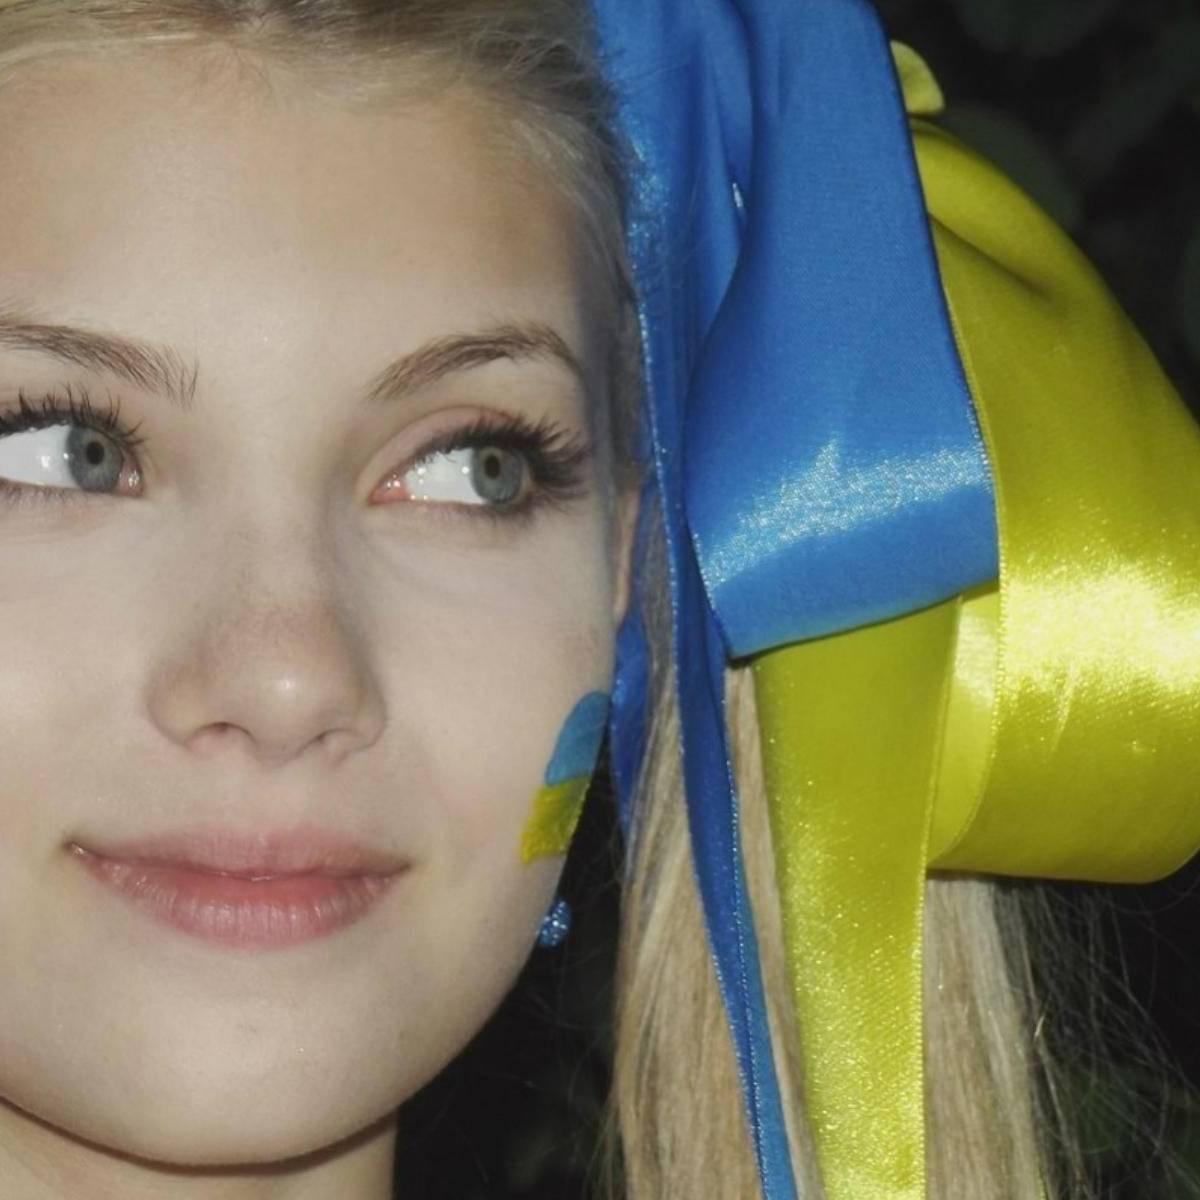 Бросила ребенка, чтобы уехать из страны: исповедь переехавшей украинки